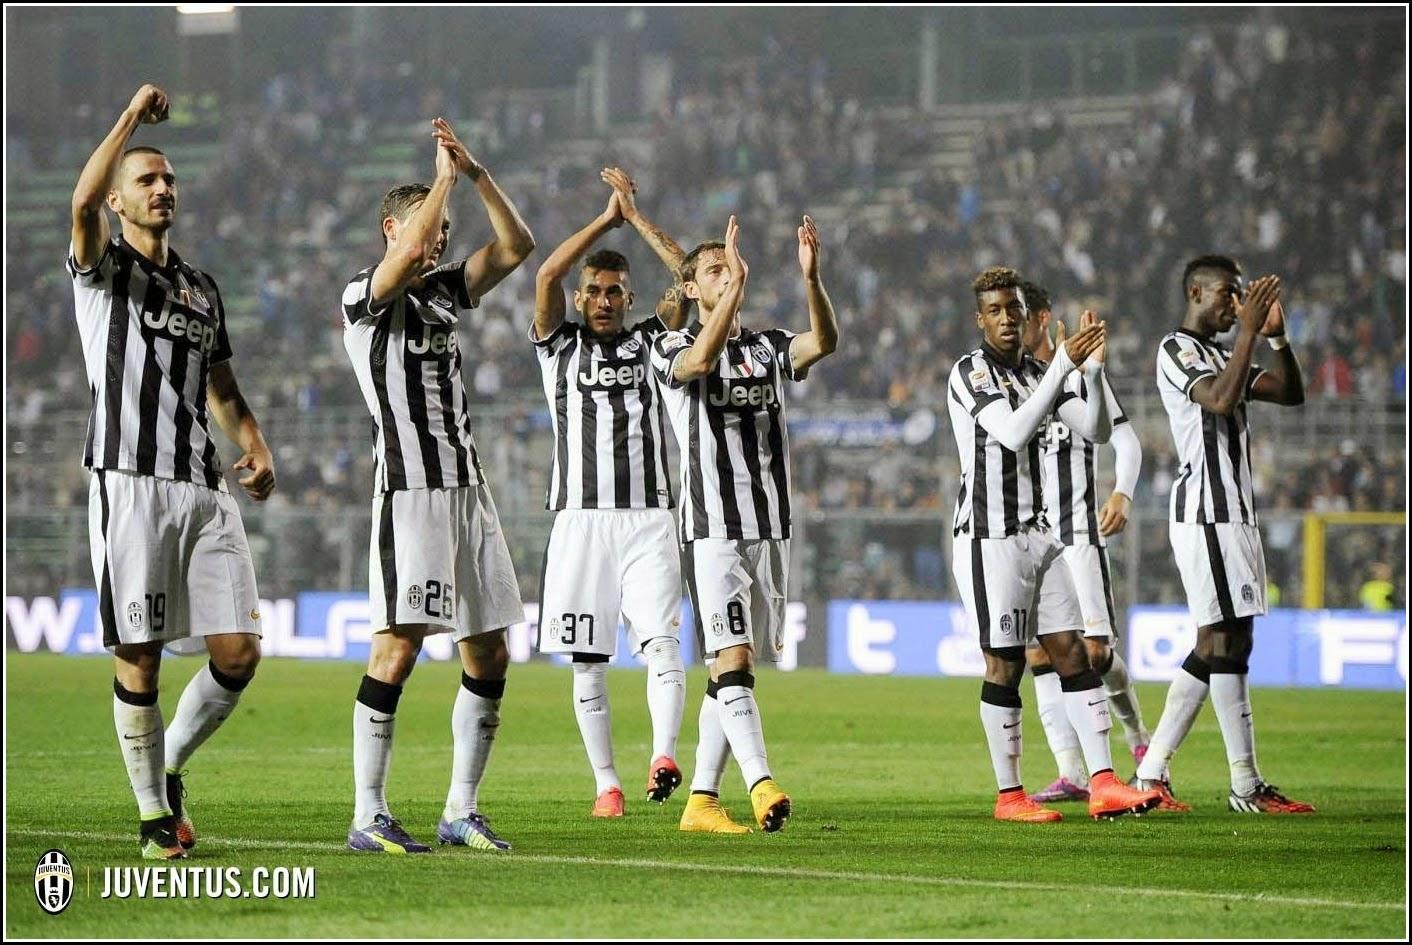 Skuad Juventus 2015